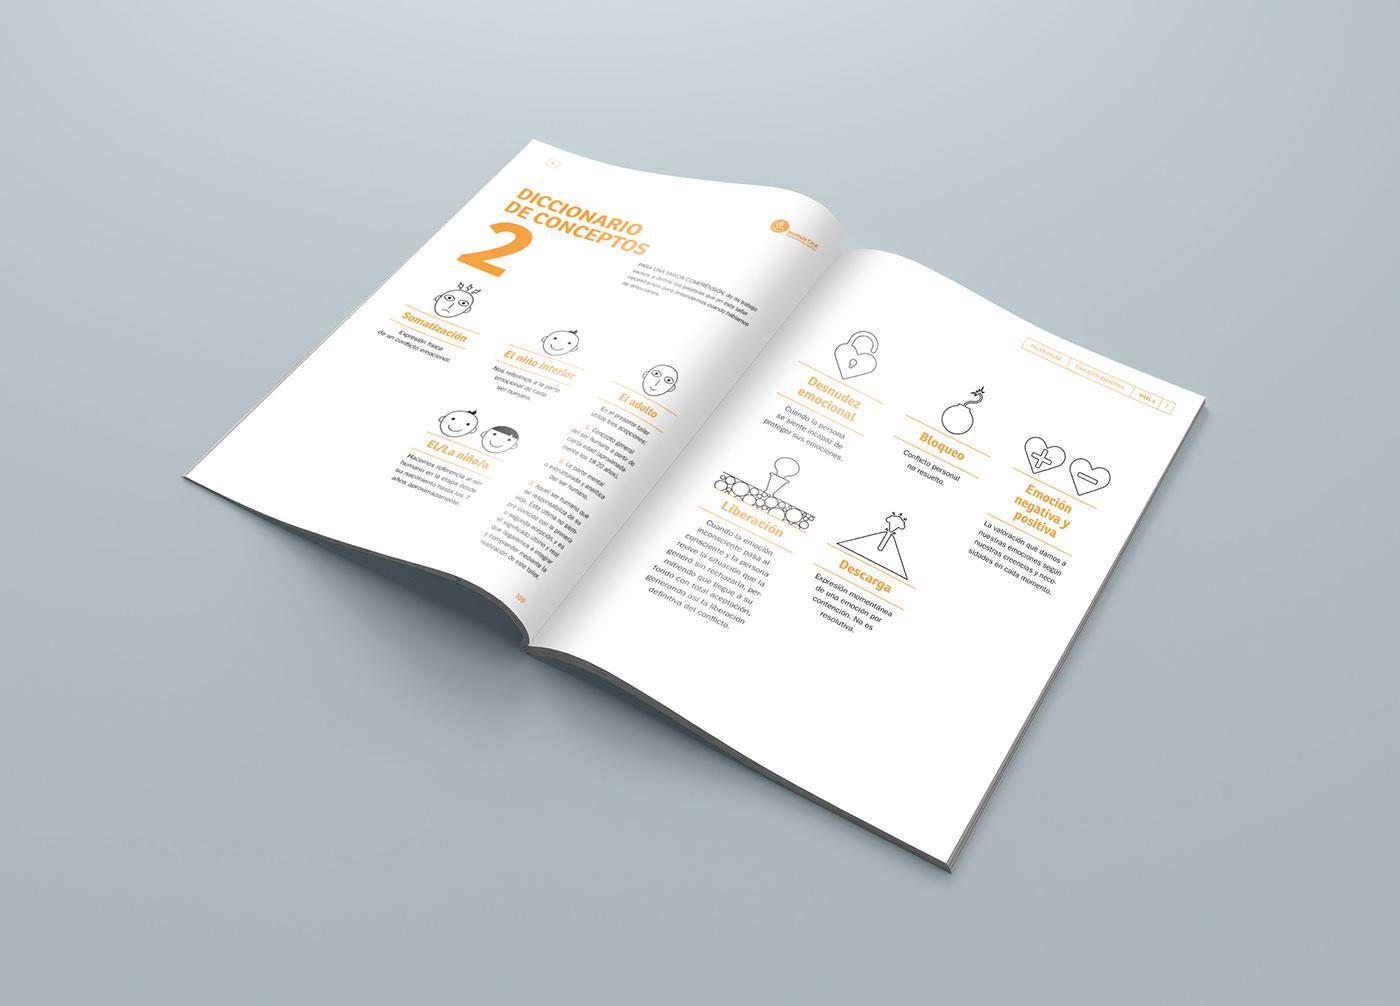 diseño gráfico ilustracion Diseño editorial Fotografia